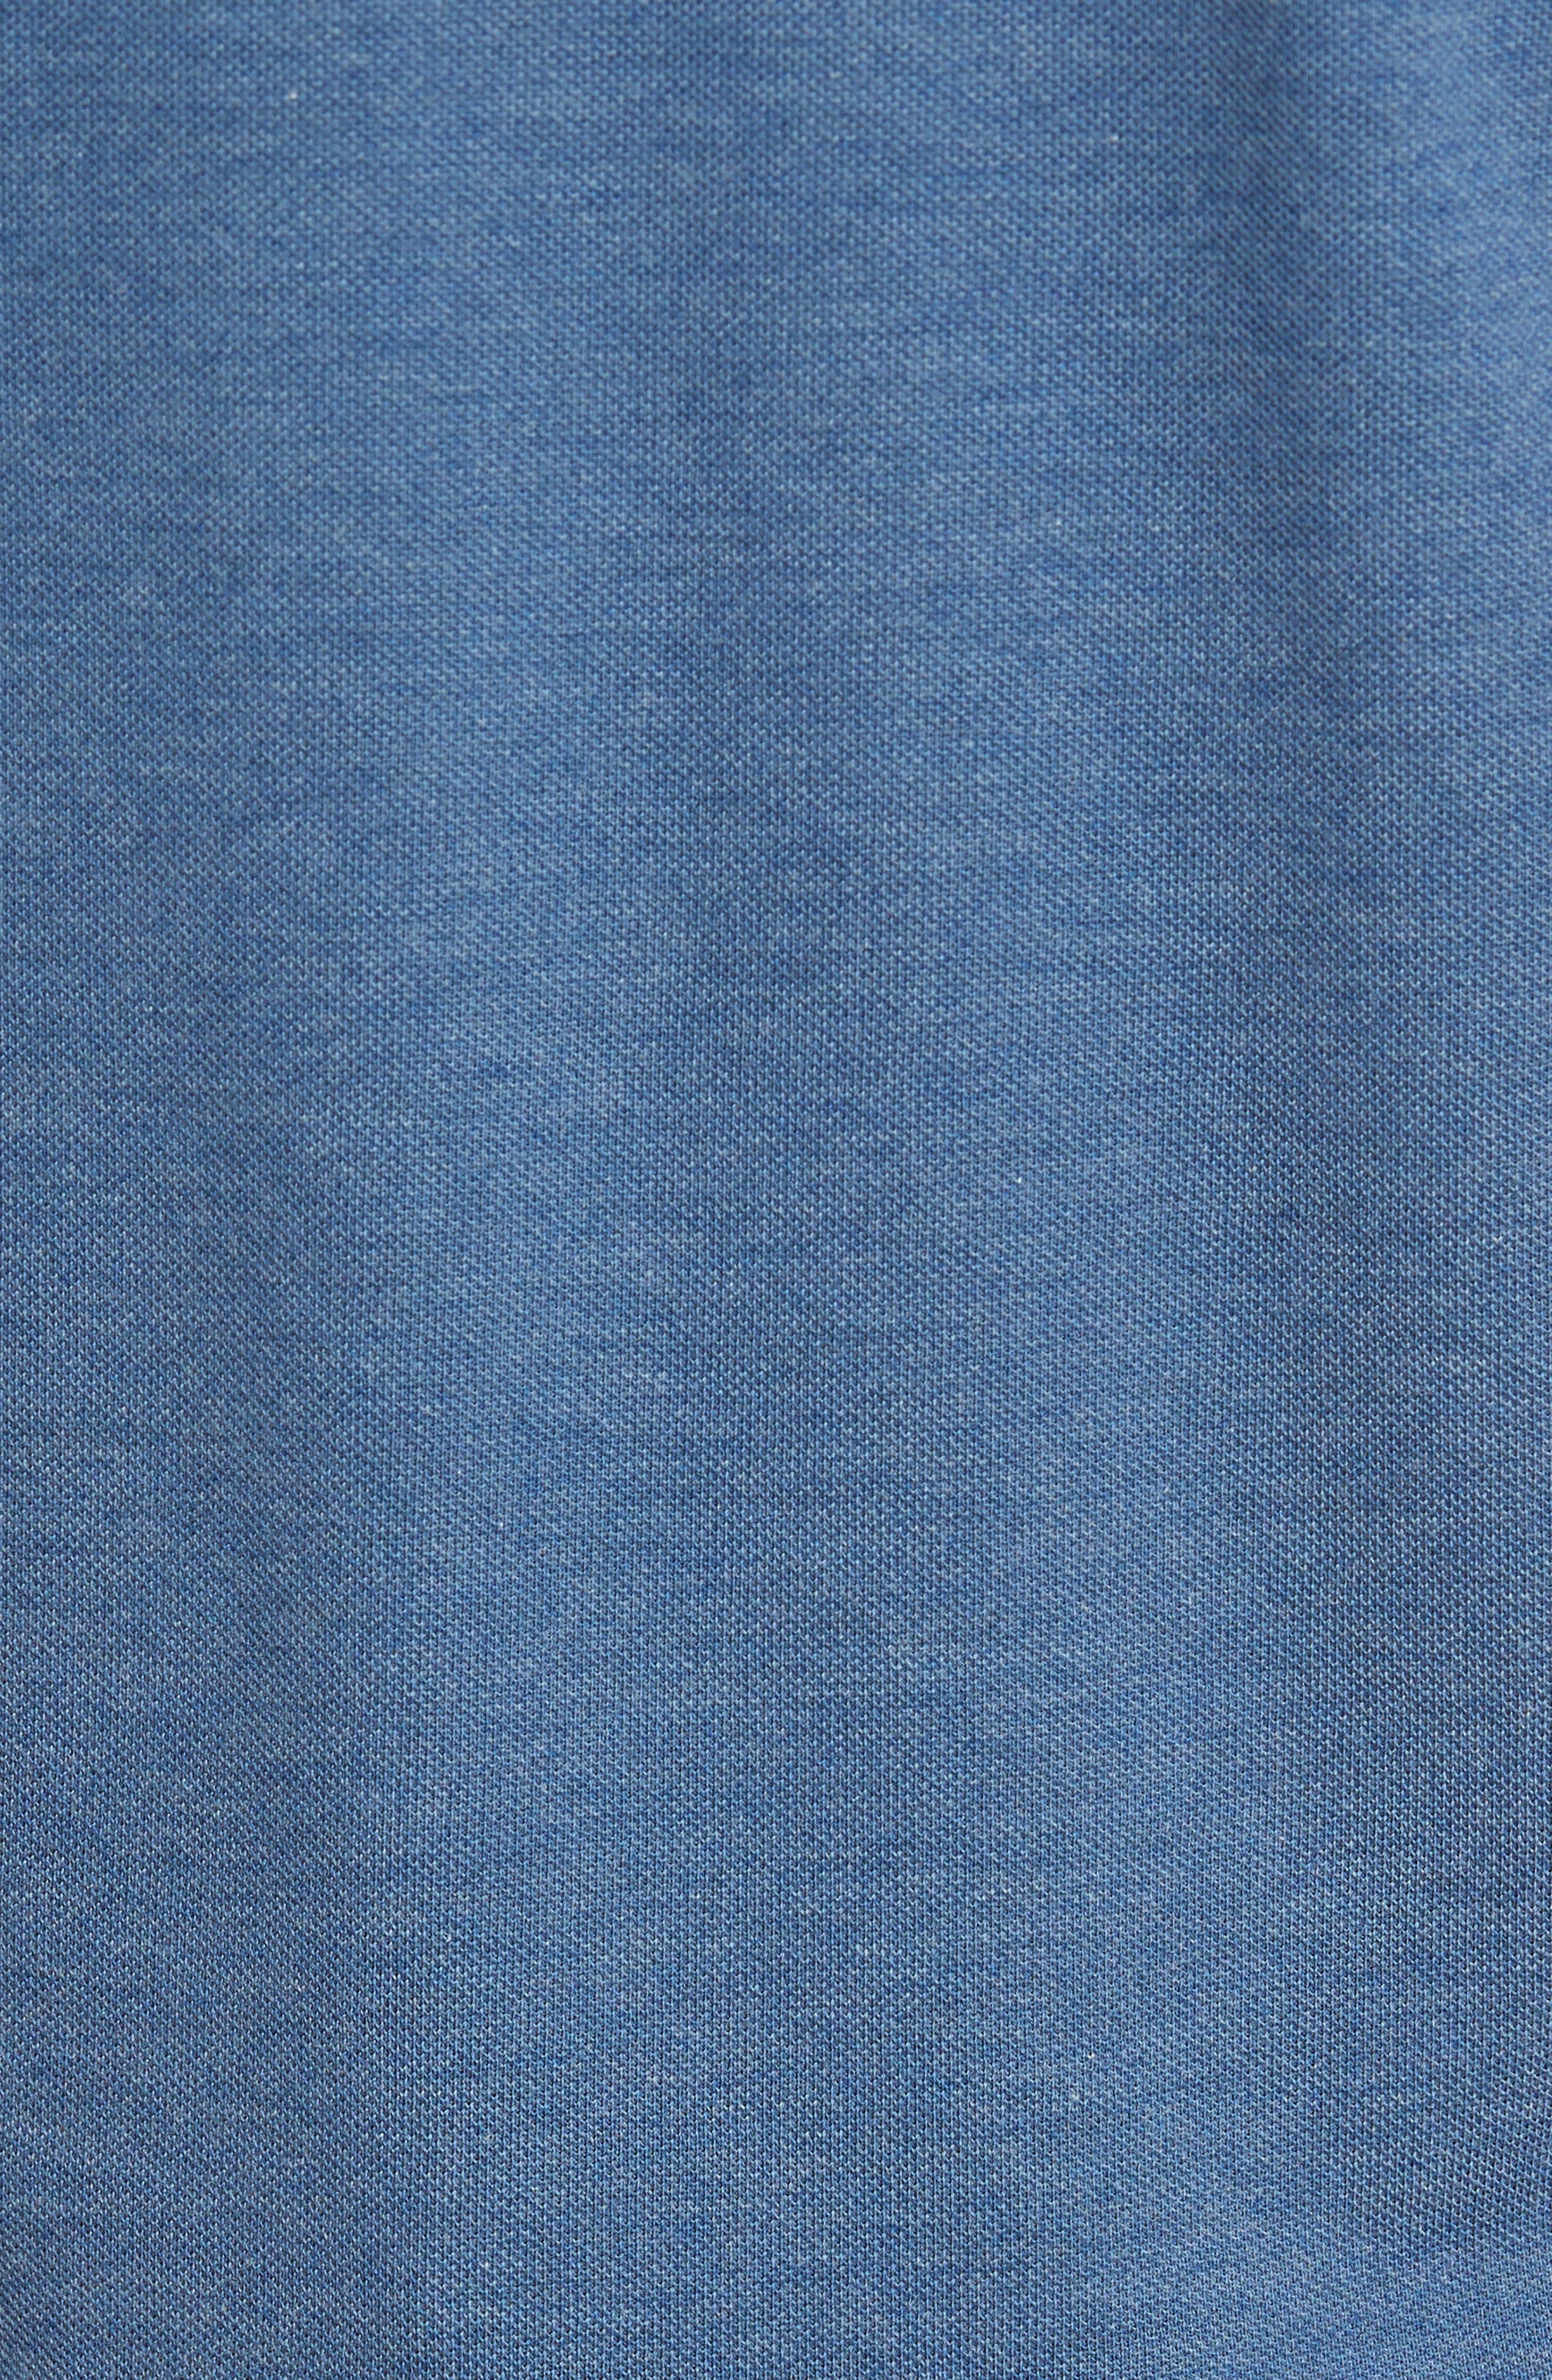 Slim Fit Piqué Polo,                             Alternate thumbnail 5, color,                             Denim Blue Jeans